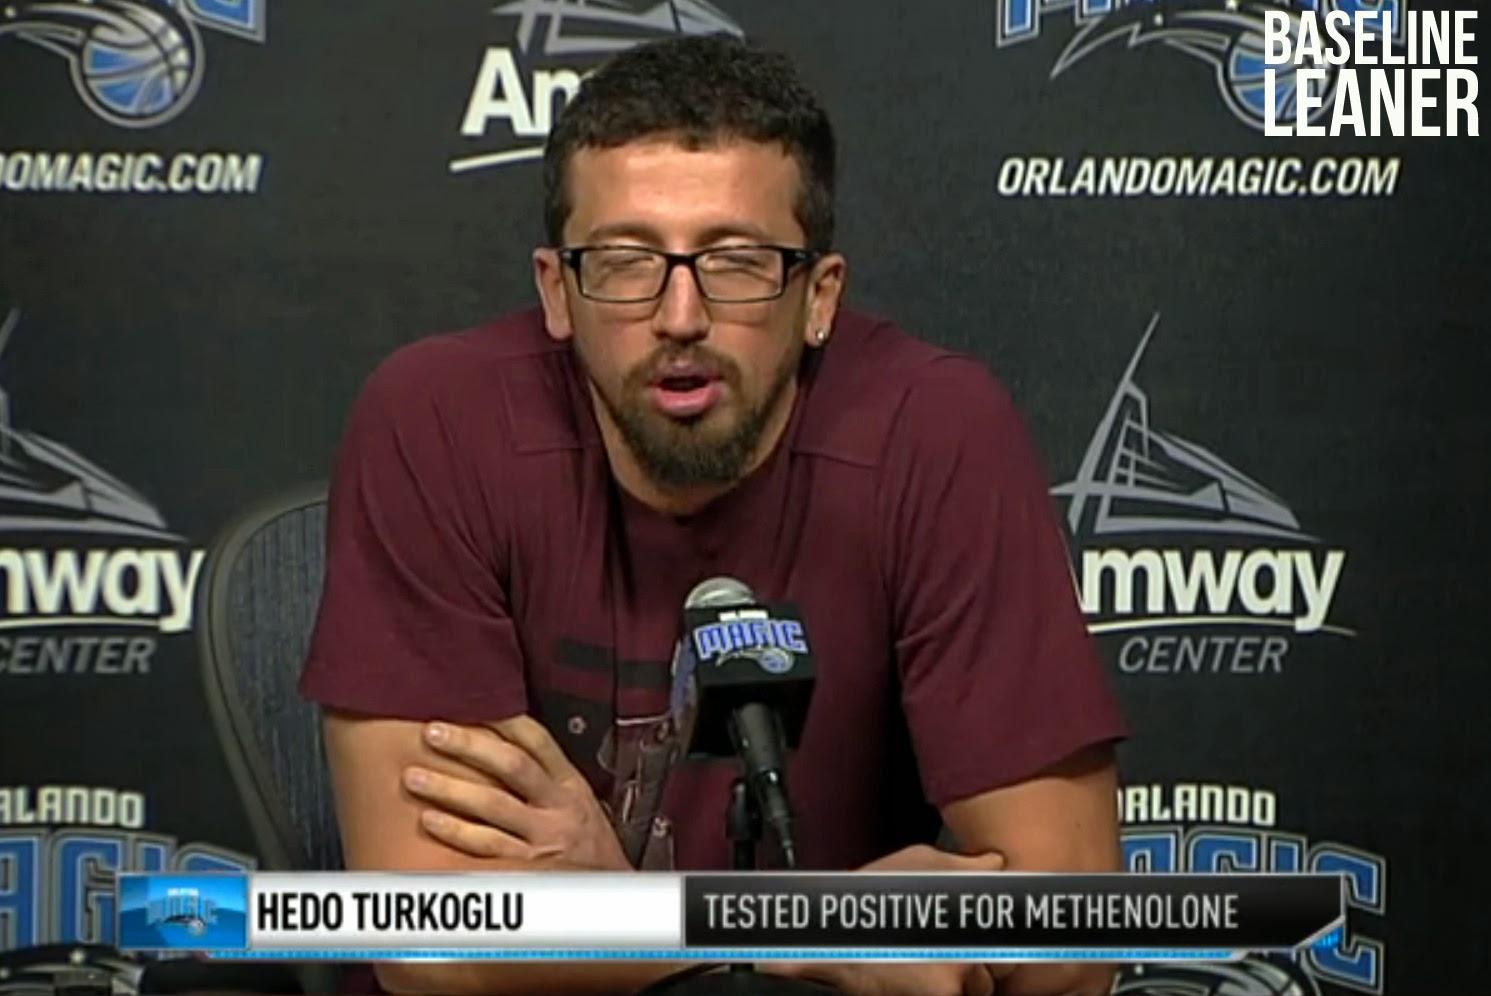 """Baseline Leaner Jersey of the Week Hedo Turkoglu """"Ball"""" Jersey"""